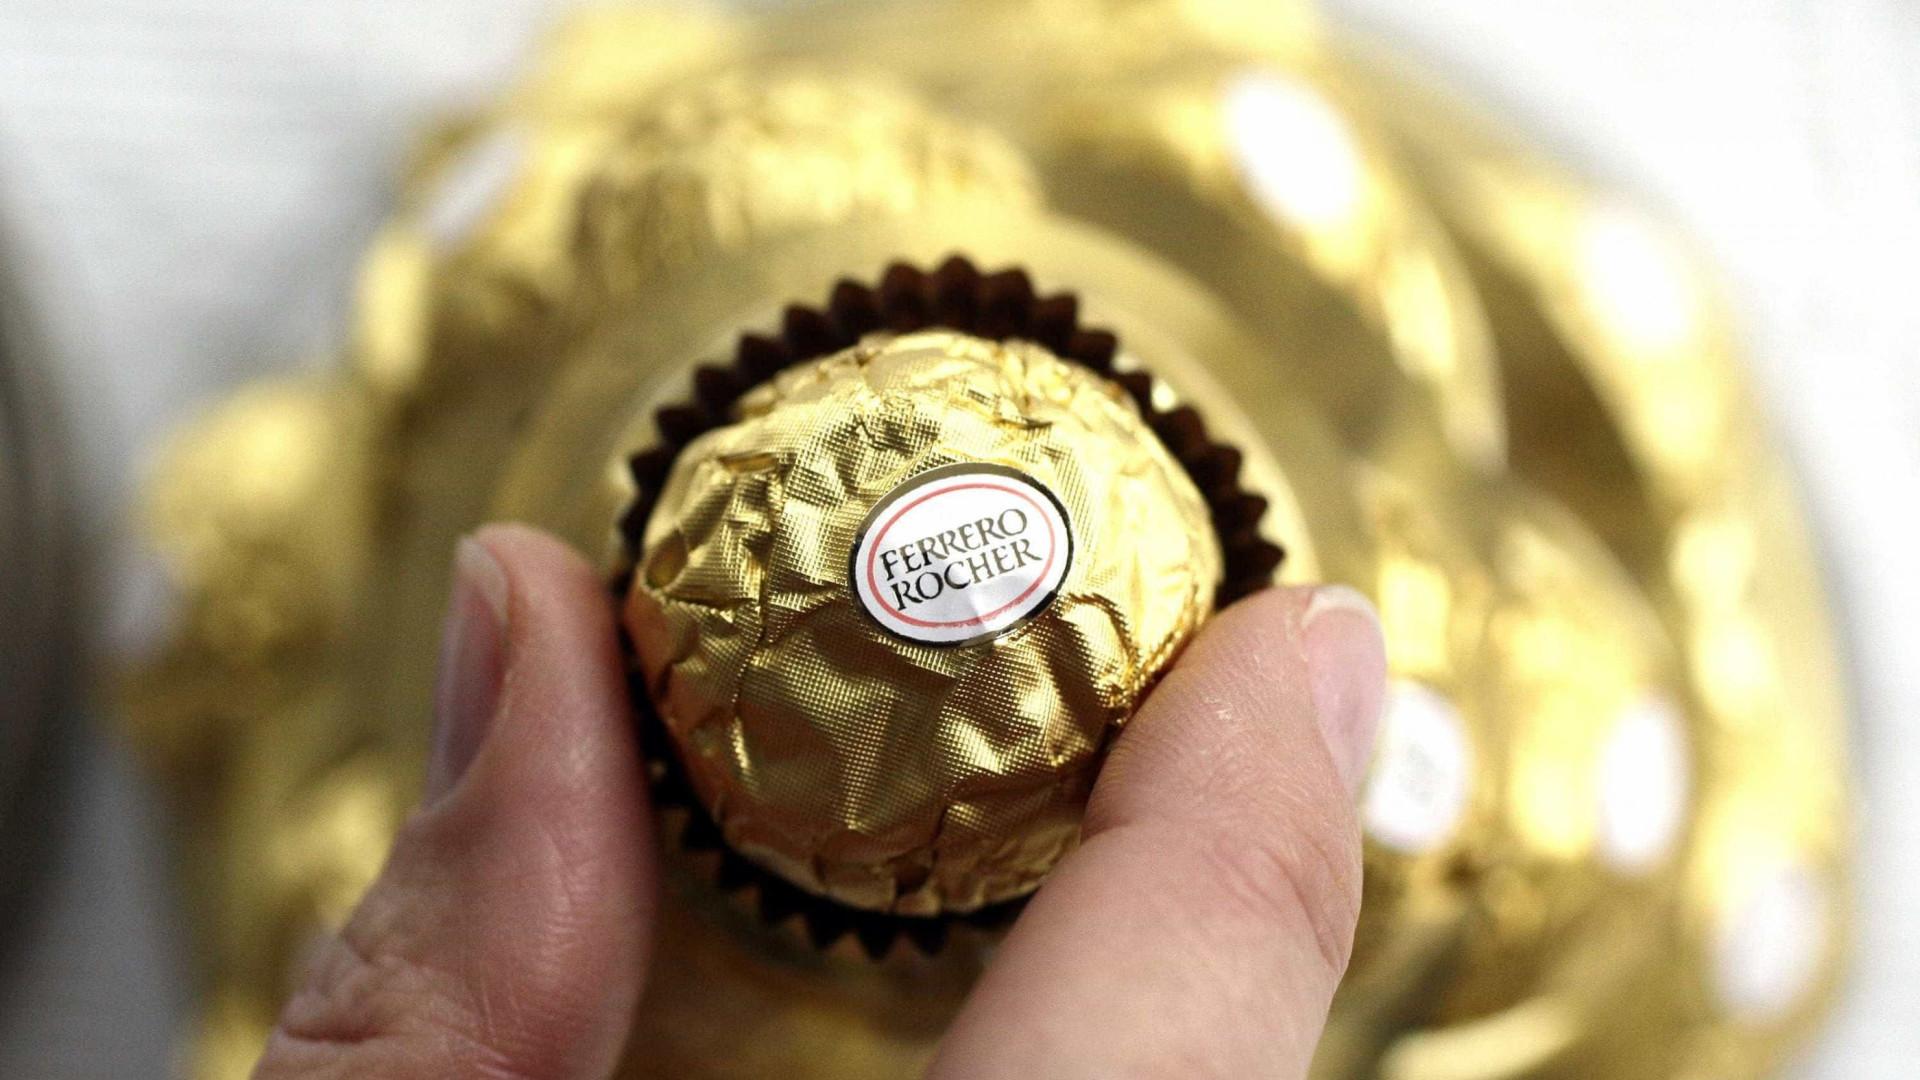 Alerta: Futuro do Ferrero Rocher está em risco